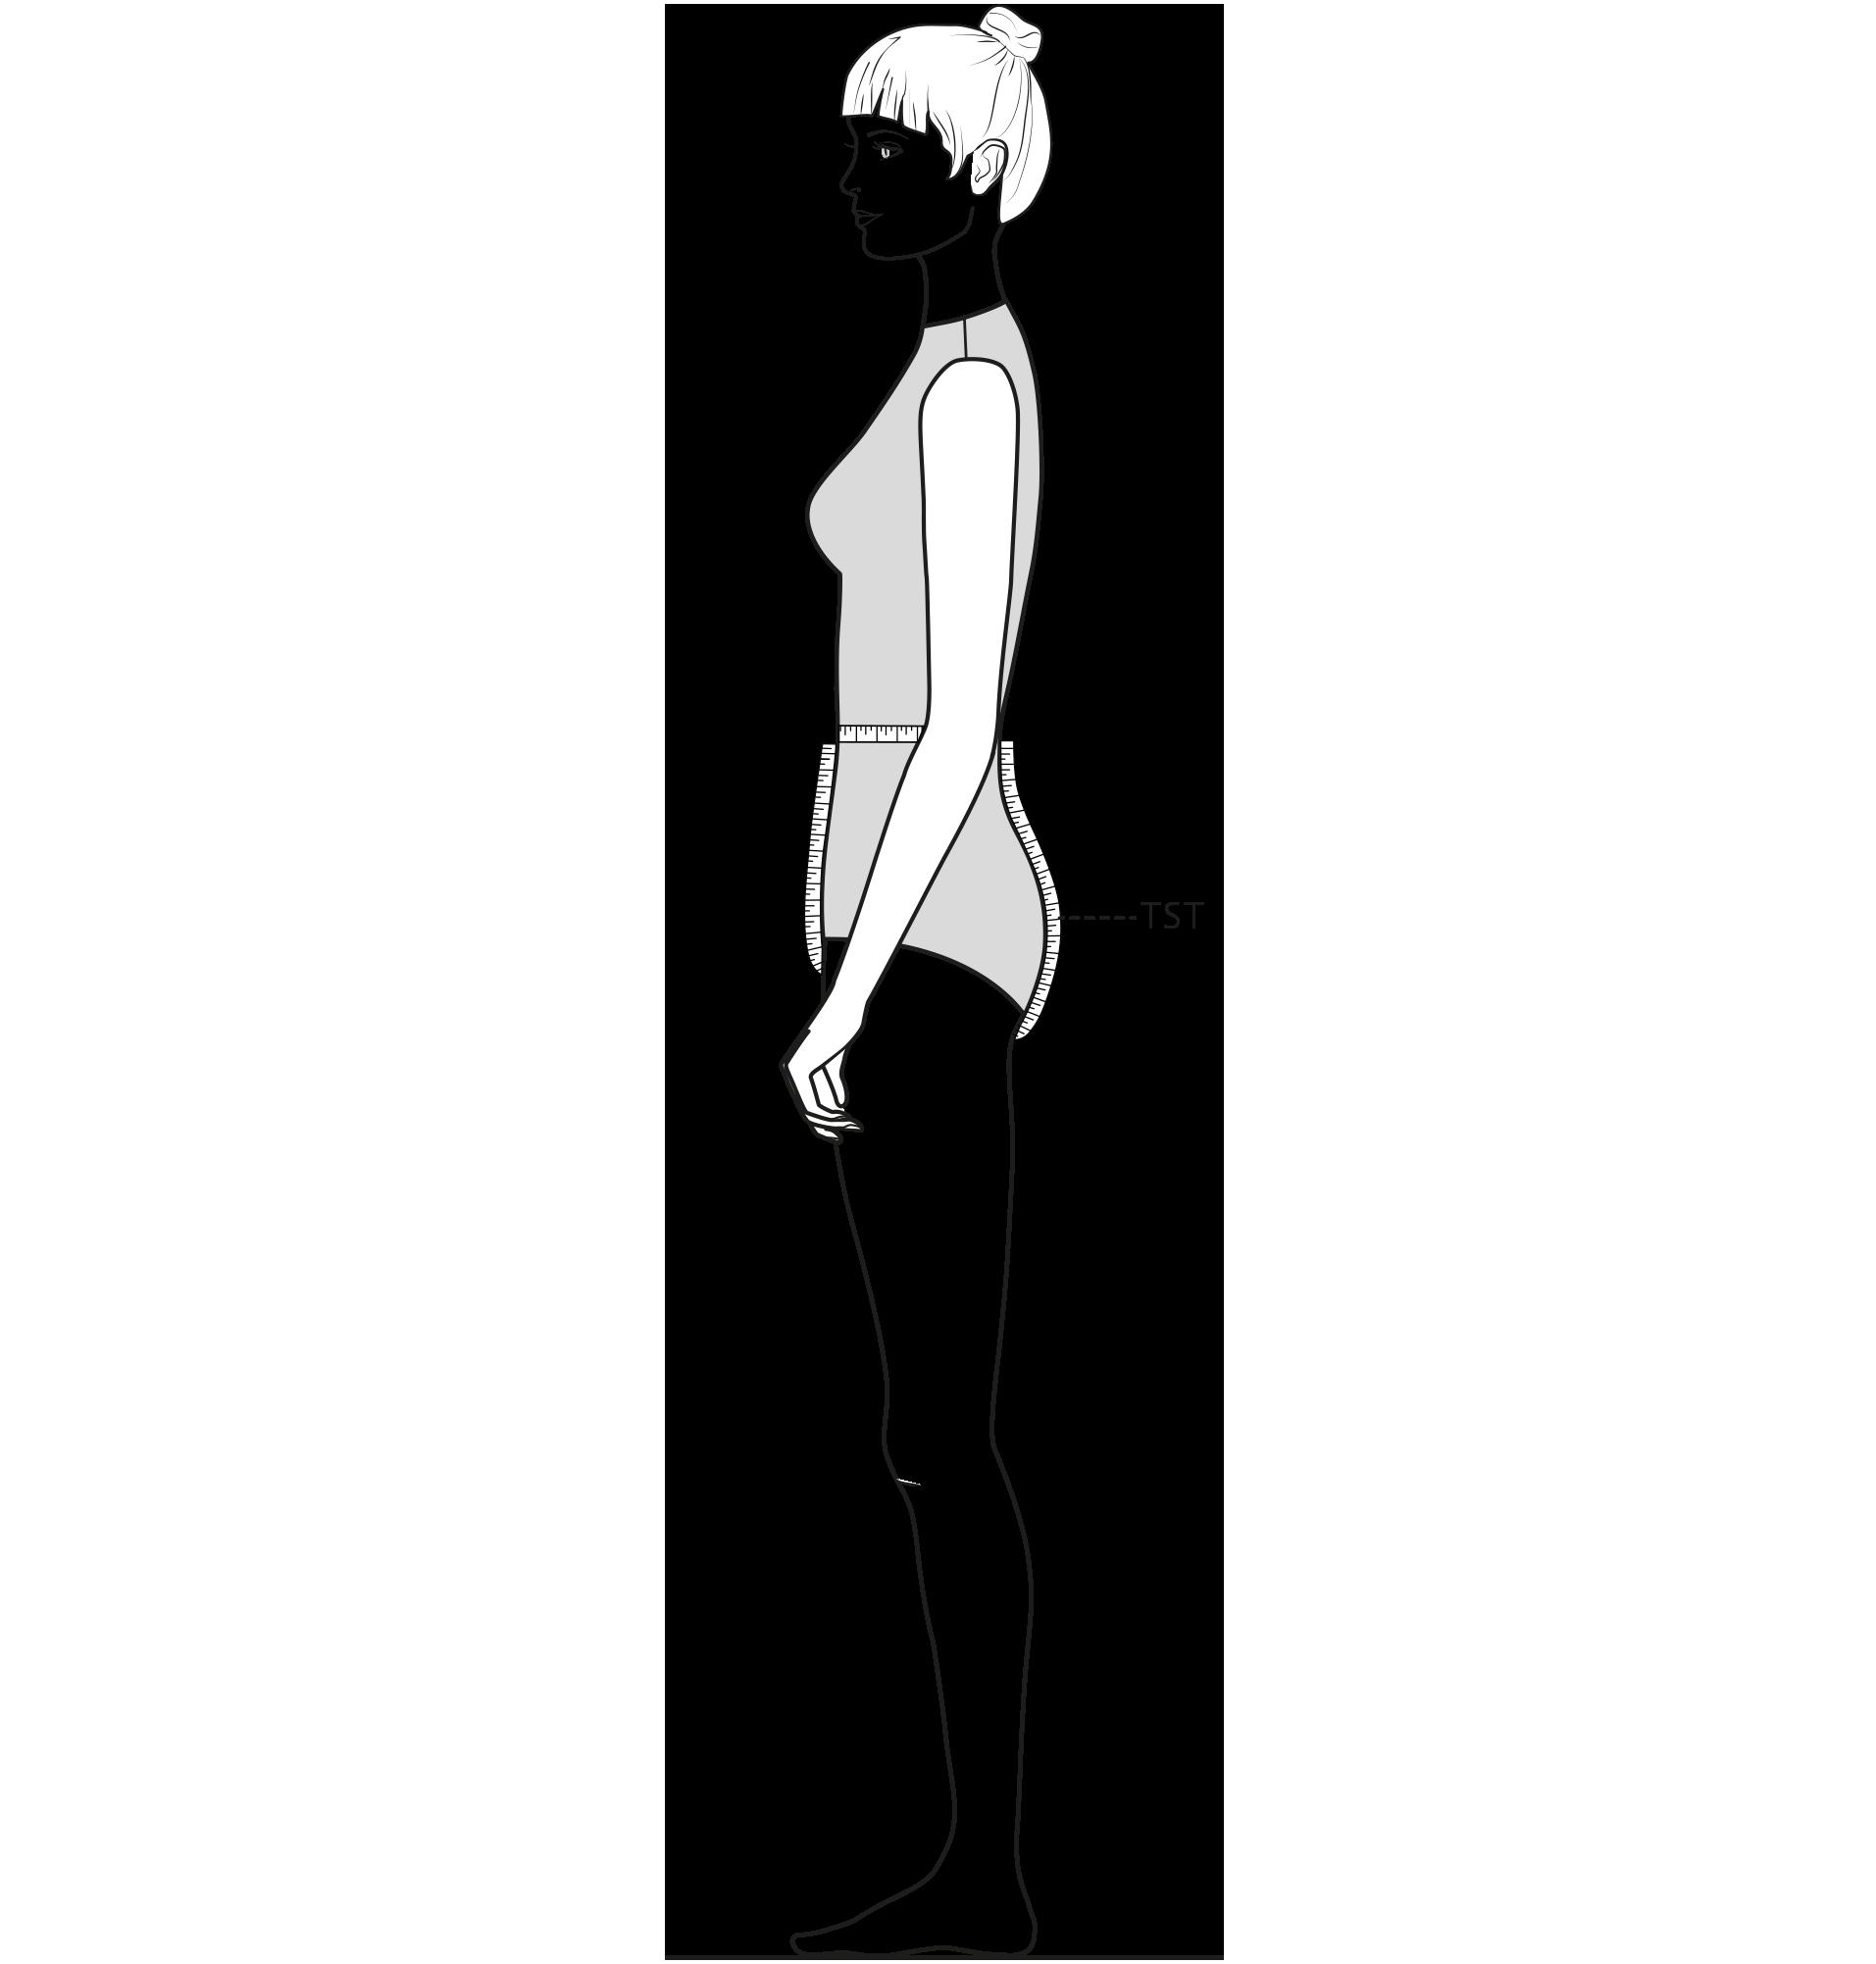 Diese Zeichnung zeigt das Messen des Maß Taille-Schritt-Taille.